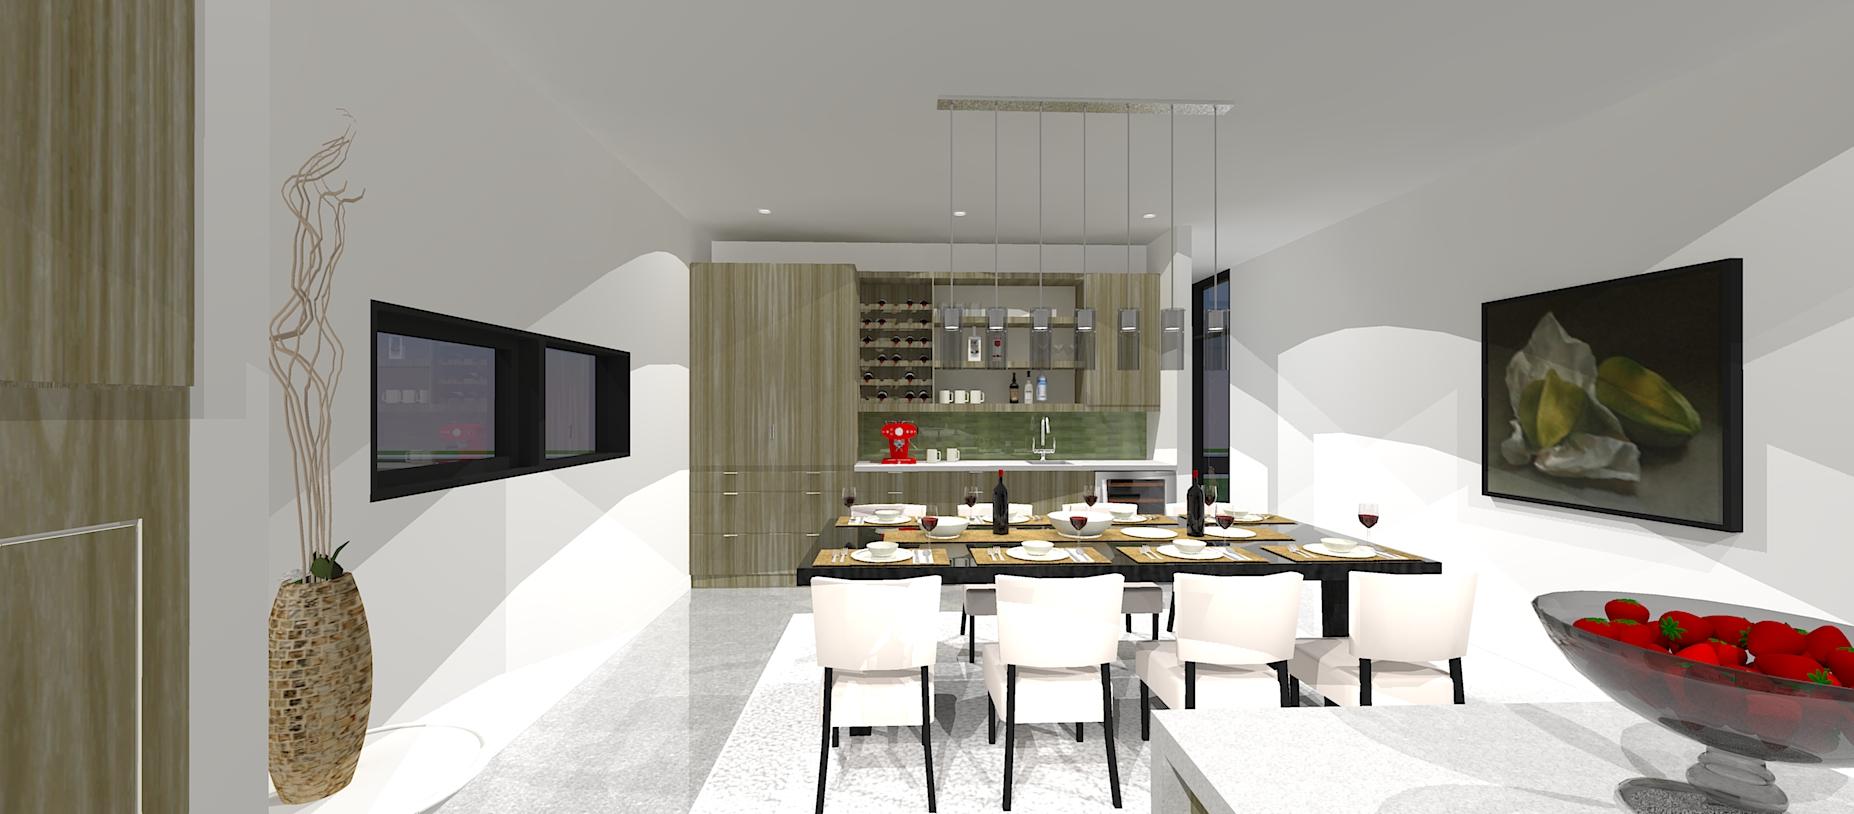 15 - Dining Room 2.jpg